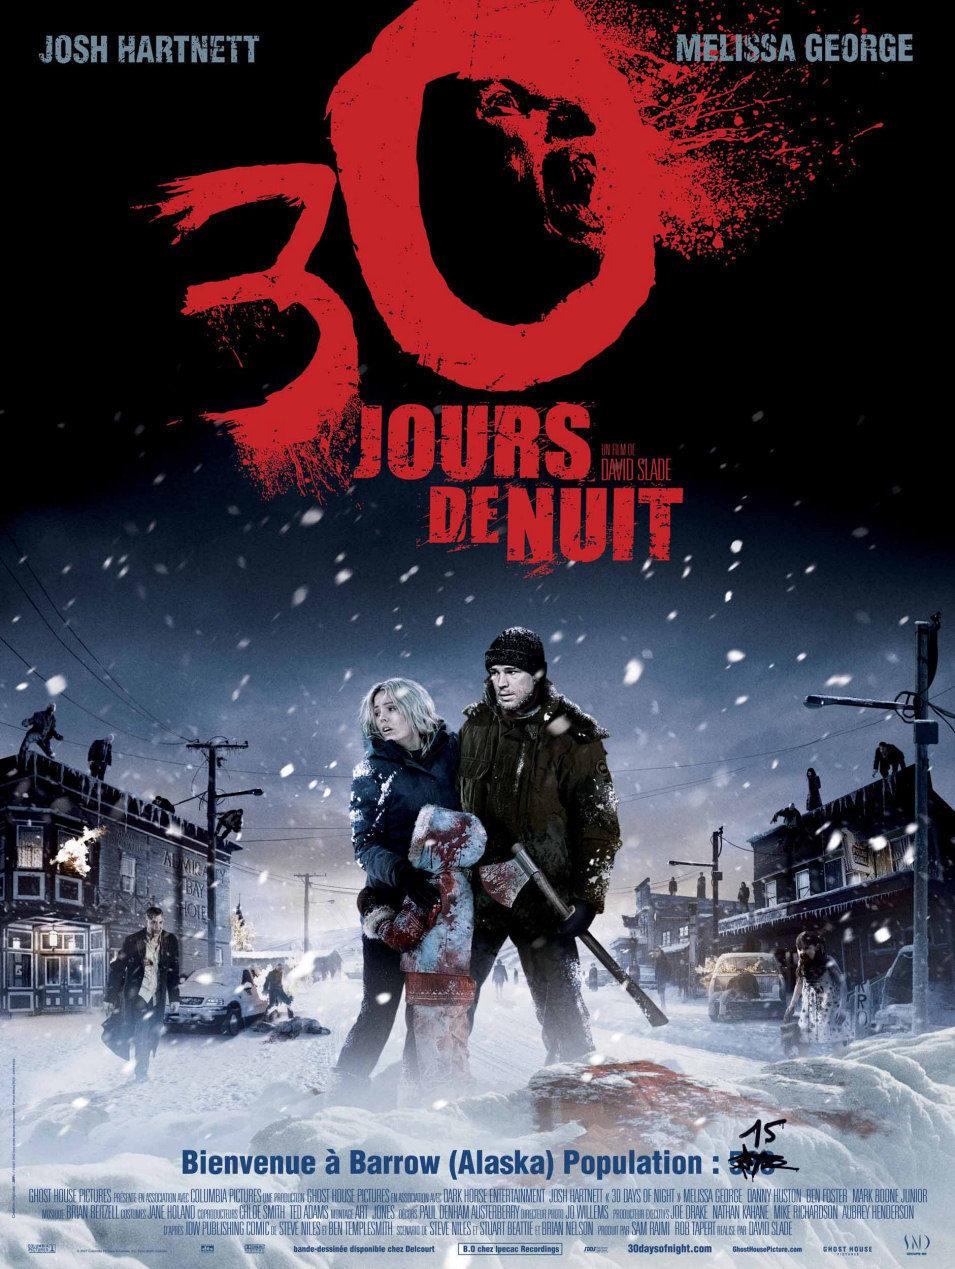 Cartel Francia de '30 días de oscuridad'